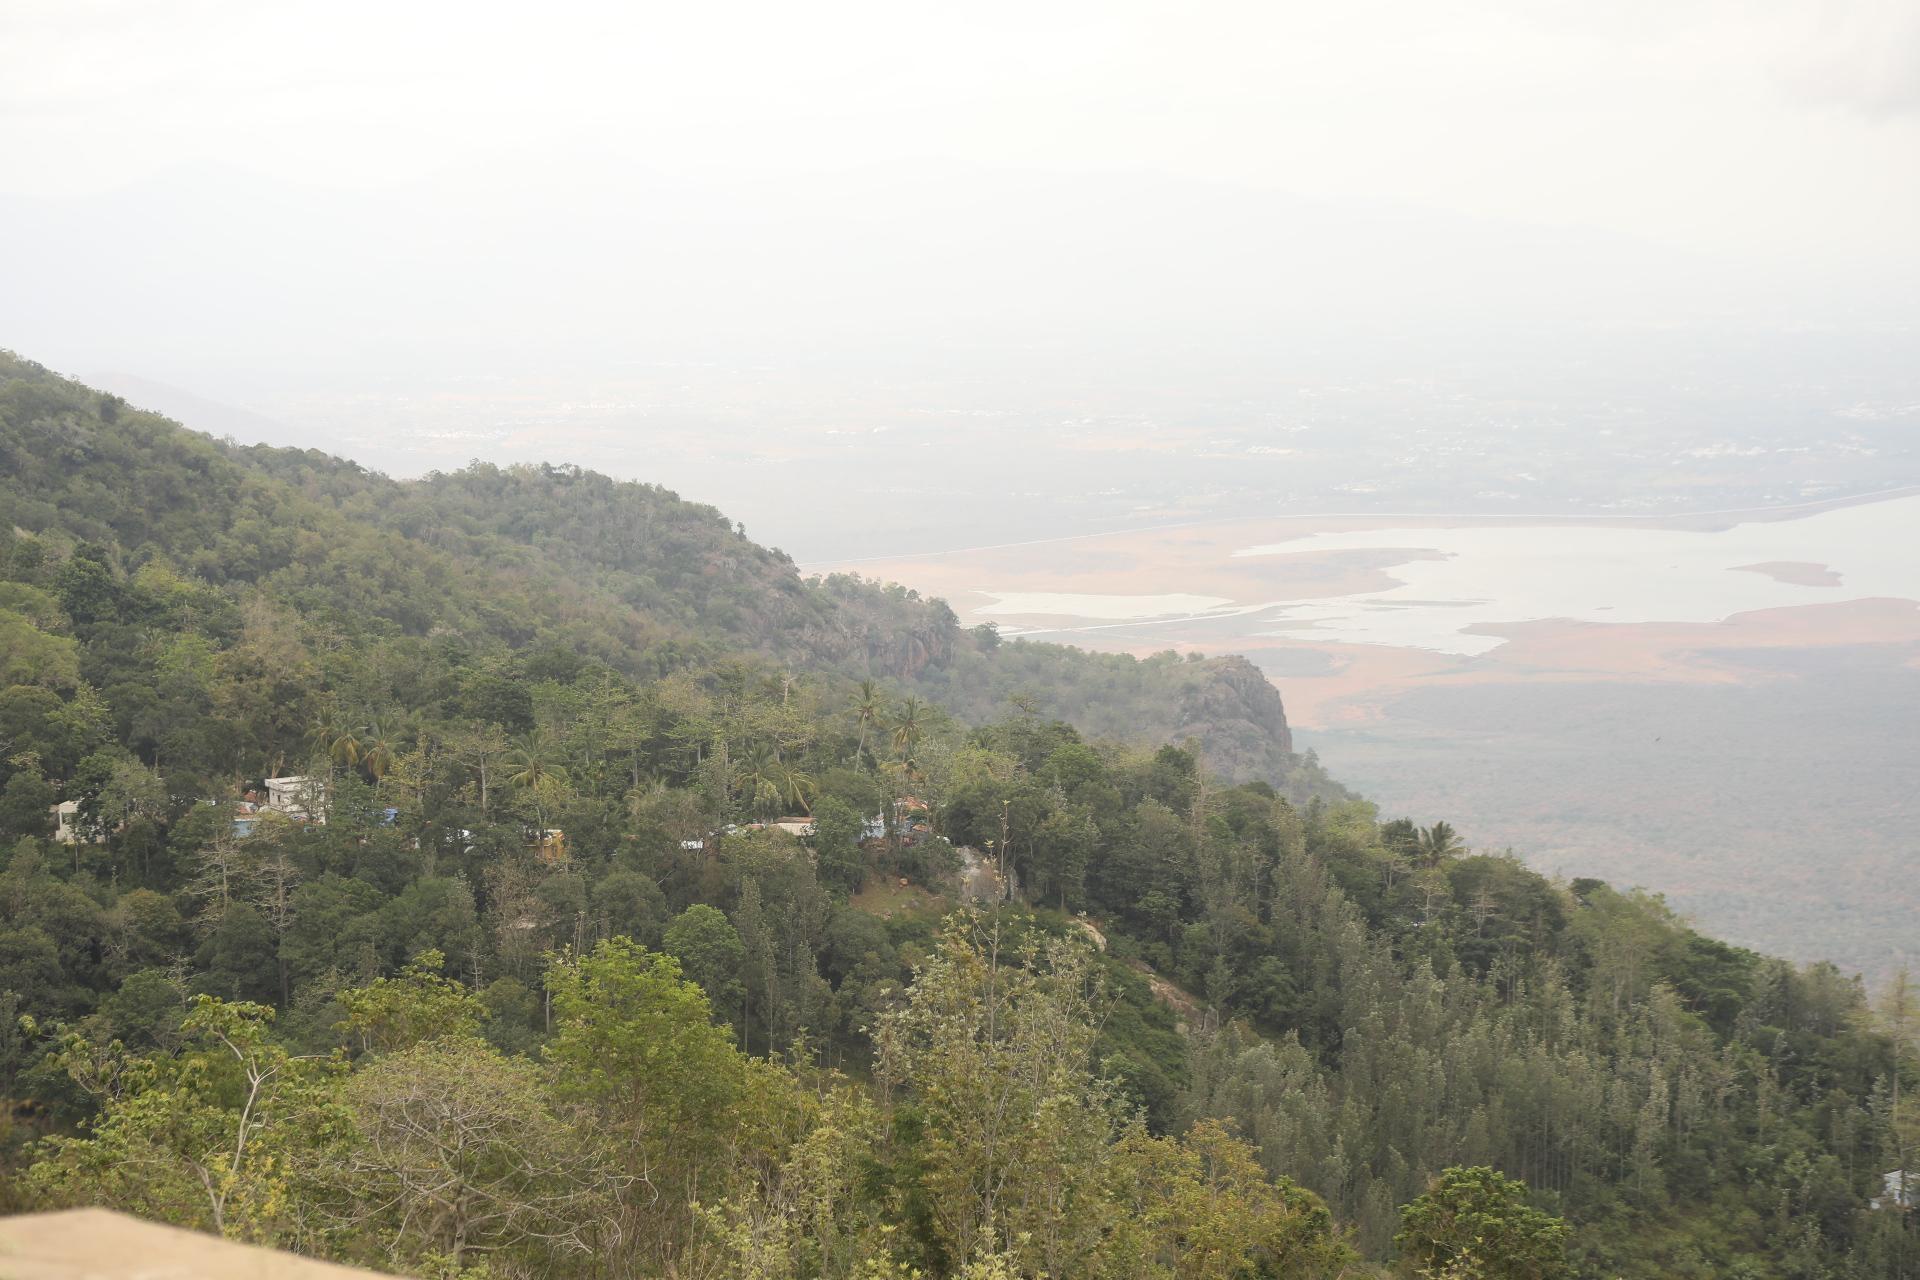 கரிக்கையூர் தண்ணீர் மலைக்கிராமம்